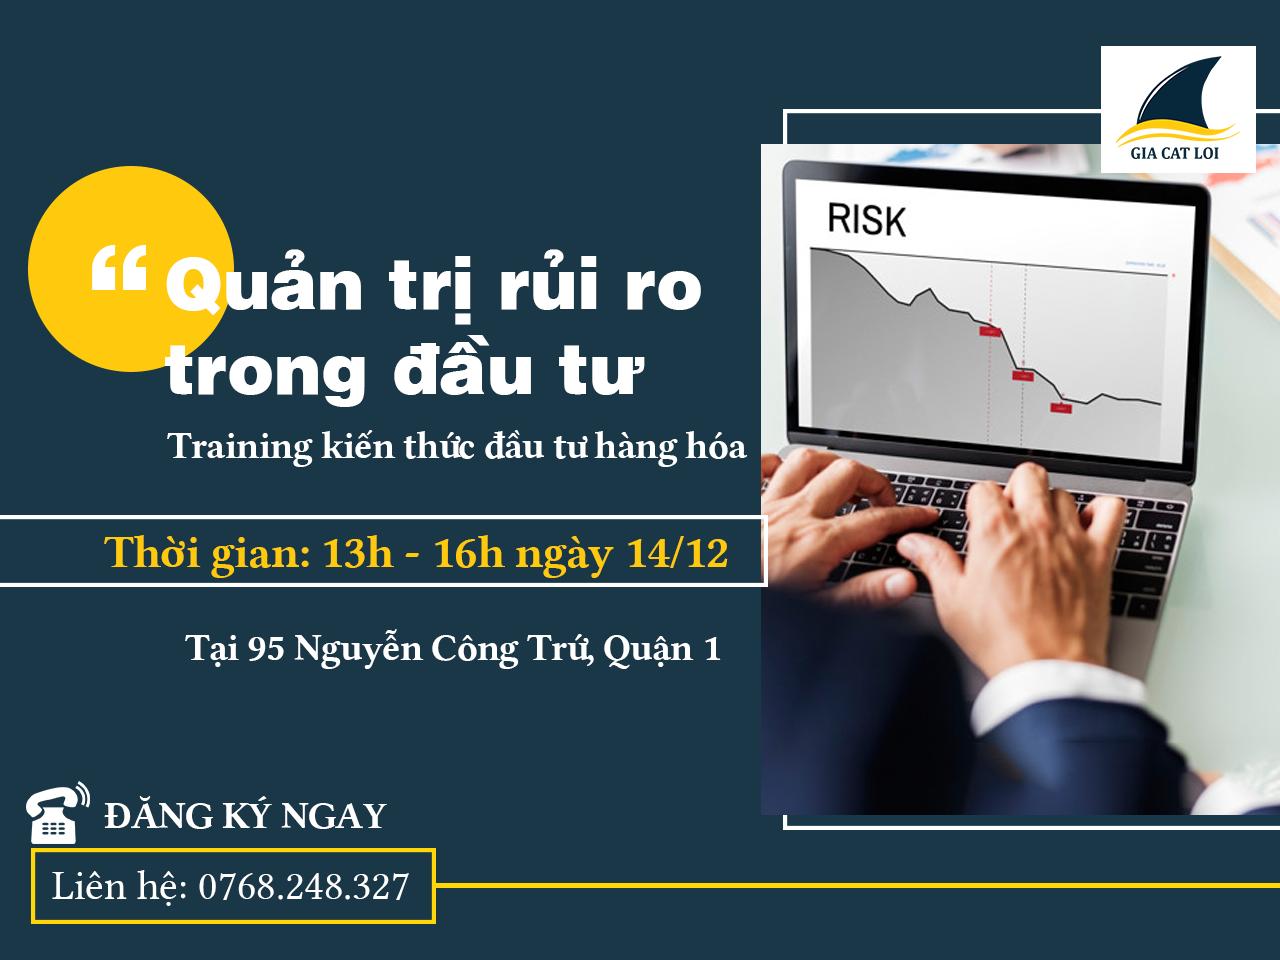 Training kiến thức đầu tư HCM